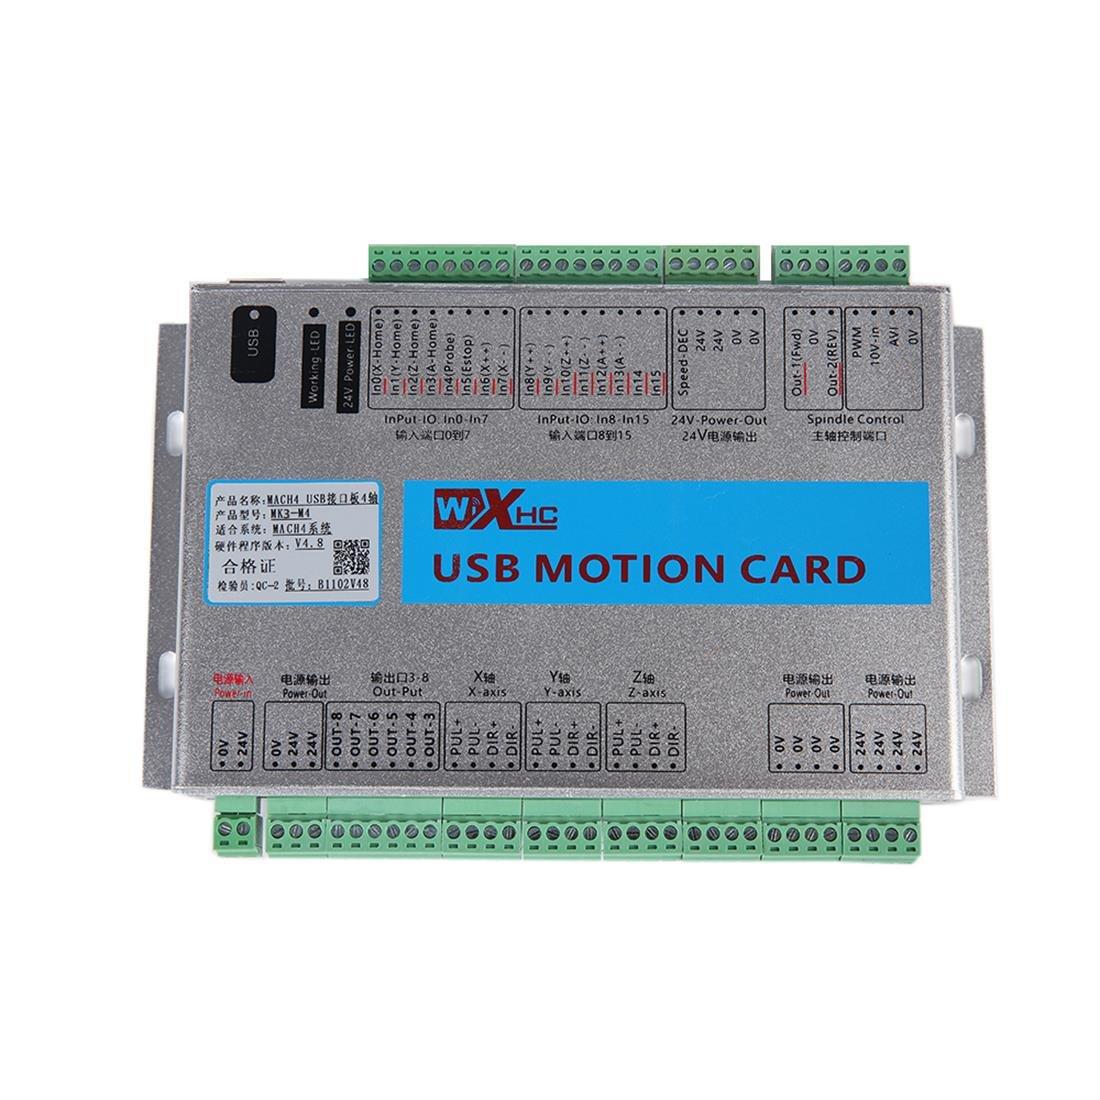 【大放出セール】 SHINA B07DS3CY4K CNC MACH4用 コントローラ 4軸 USB コントロールカード SHINA MACH4用 イーサネットモーション コントロールカード アプリケーション 新バージョン B07DS3CY4K MK6-M4 MK6-M4, 2019人気No.1の:e463be5a --- itourtk.ru